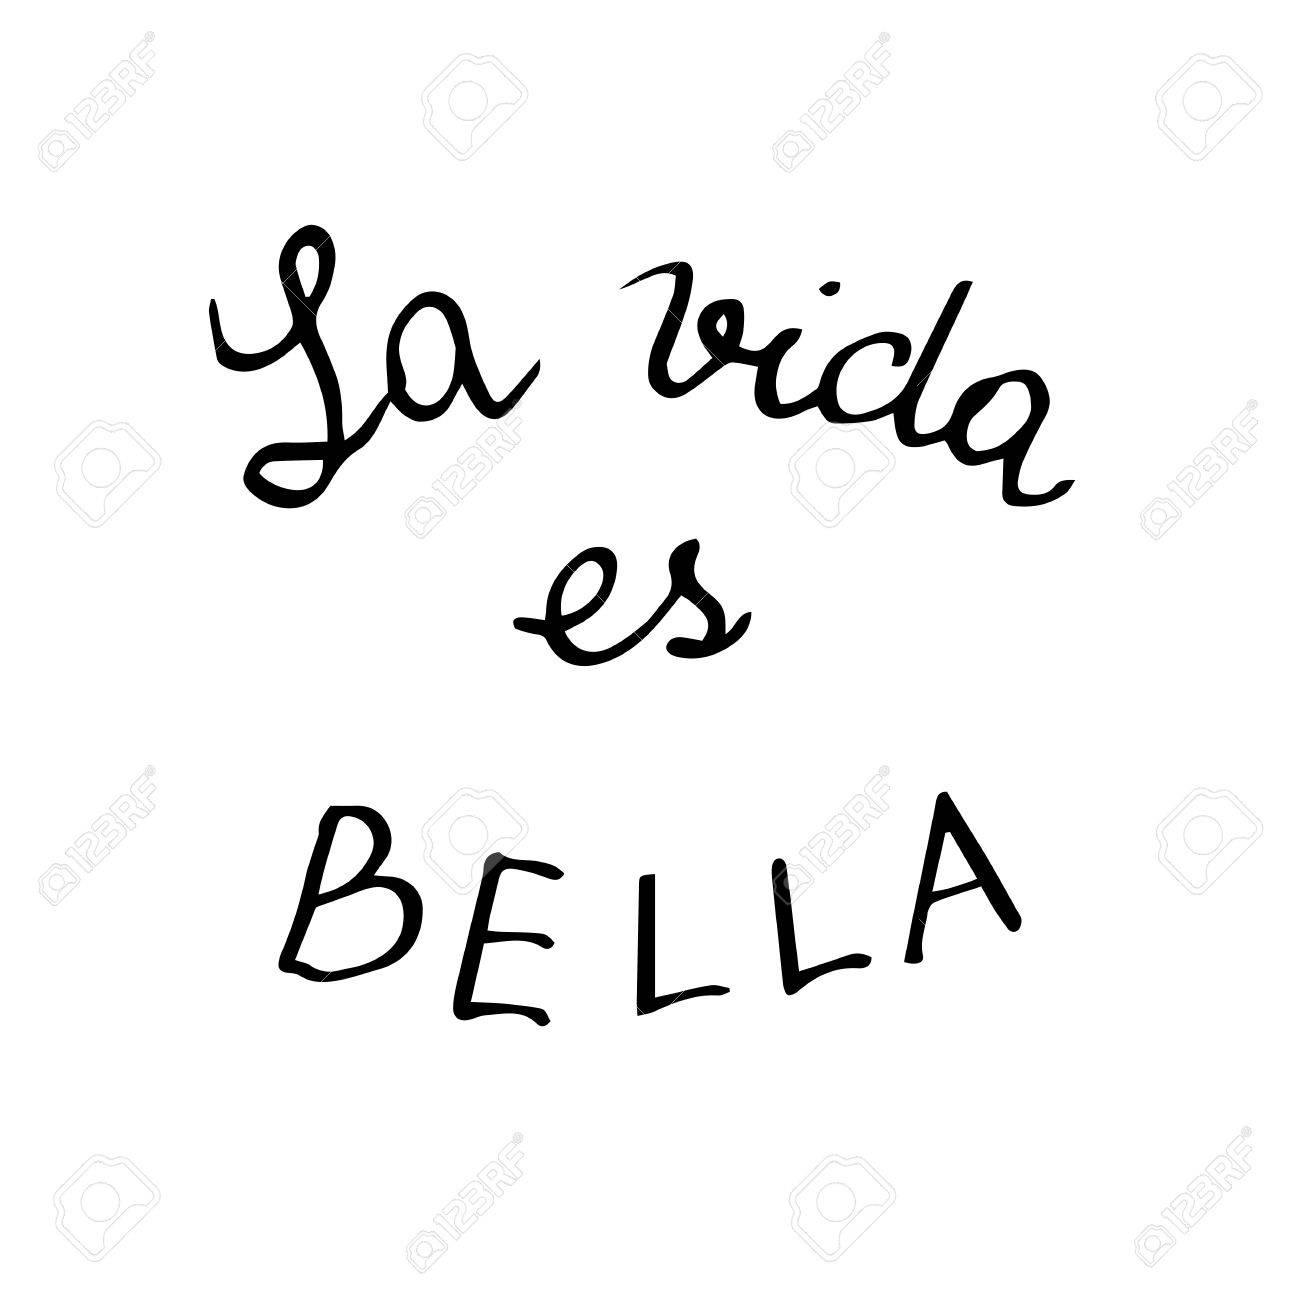 La Vida Es Bella Frase In Spagnolo Che Significa Che La Vita è